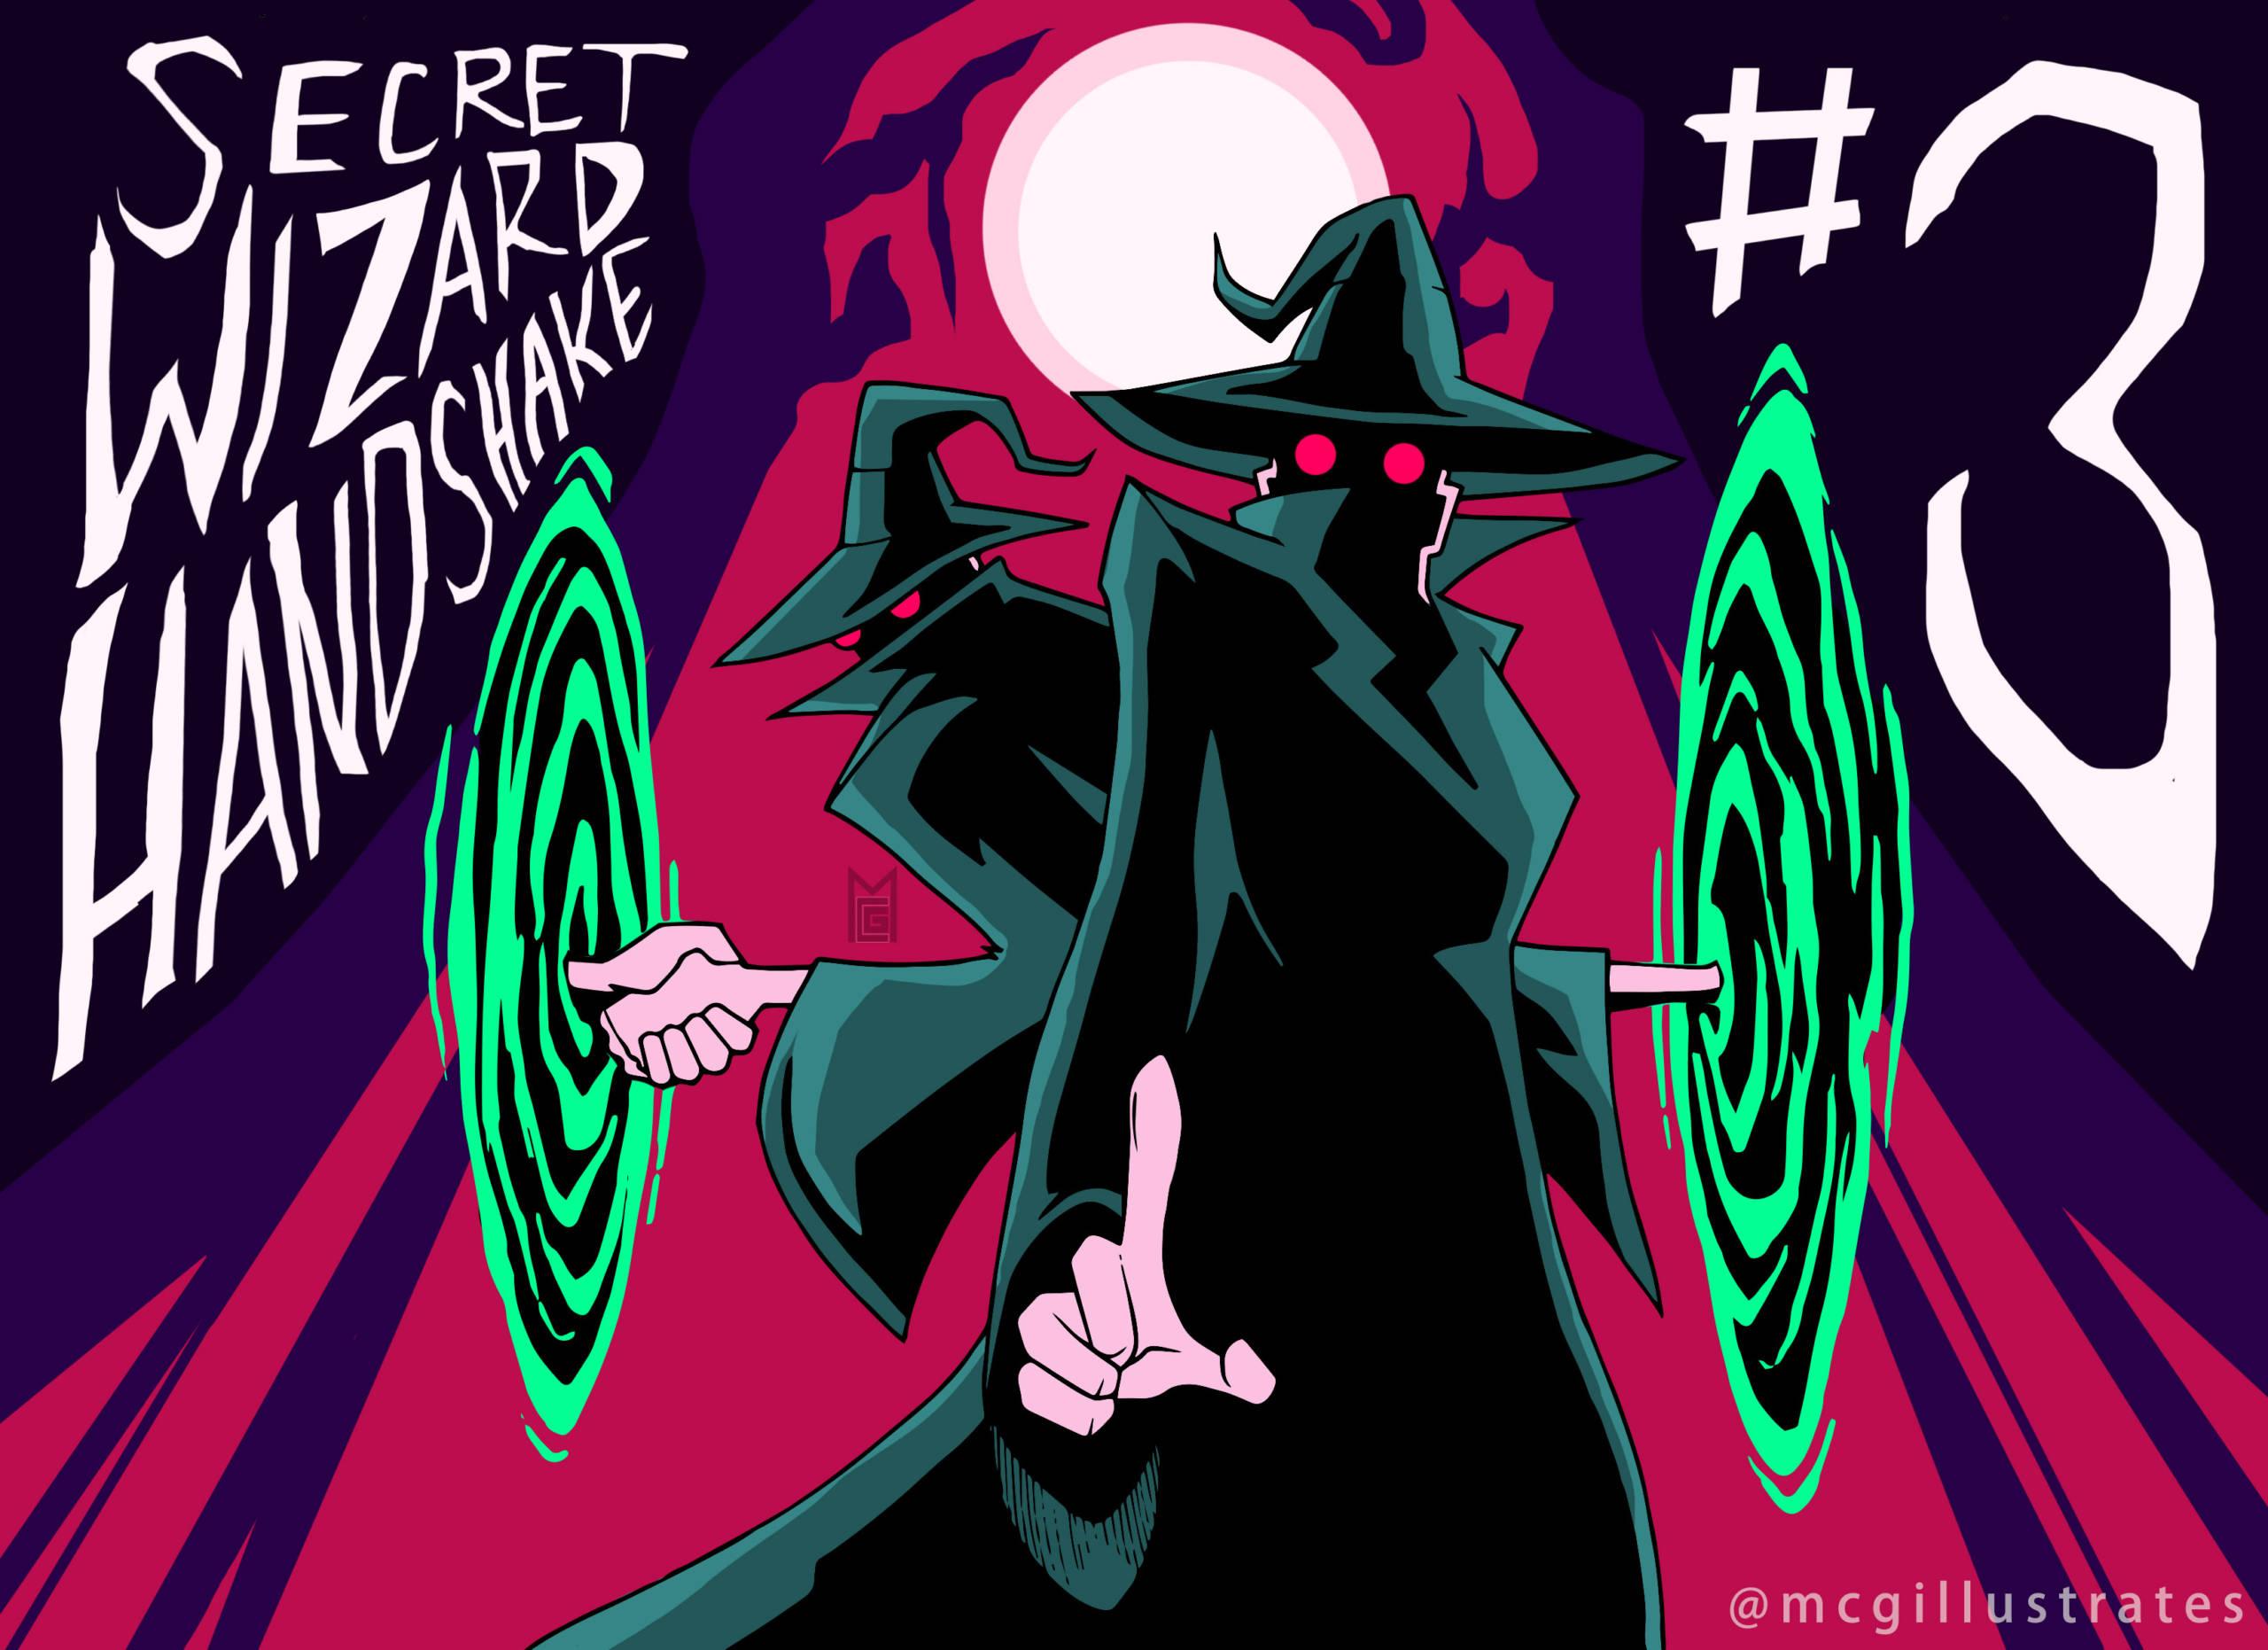 SecretWizardHandshake#3